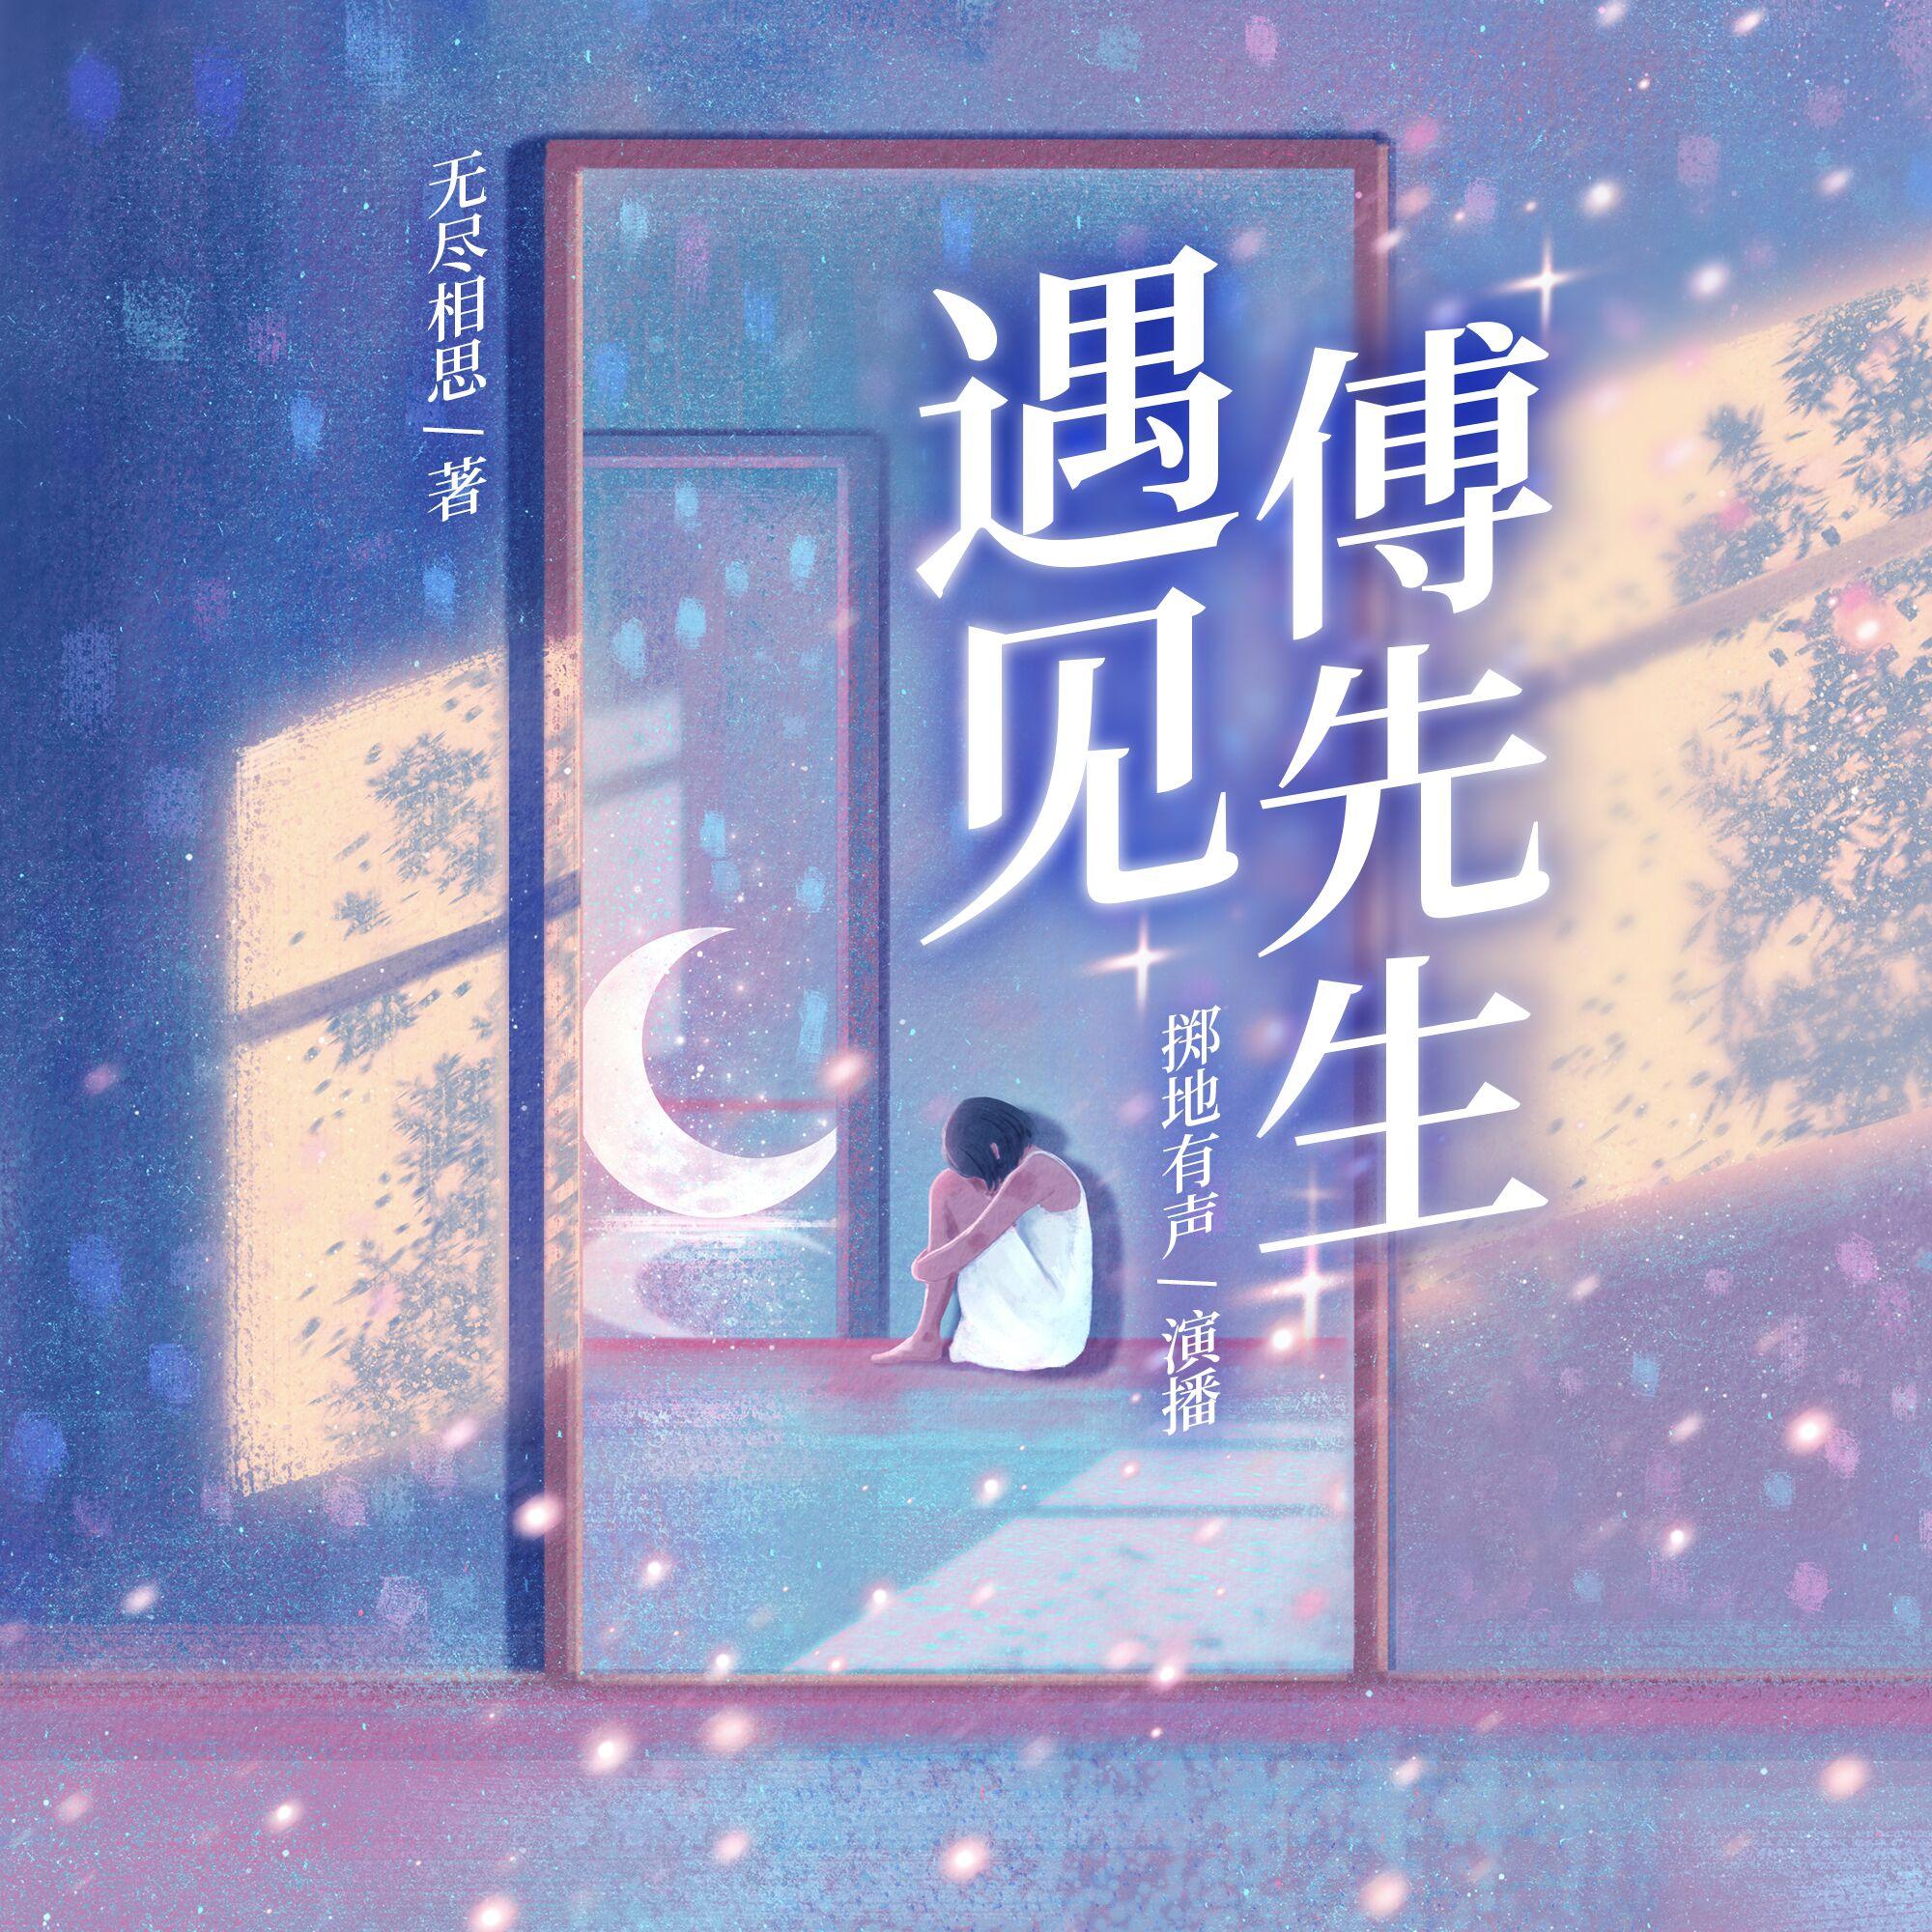 遇见,傅先生(今宵/子沐/主役现代多人小说剧)